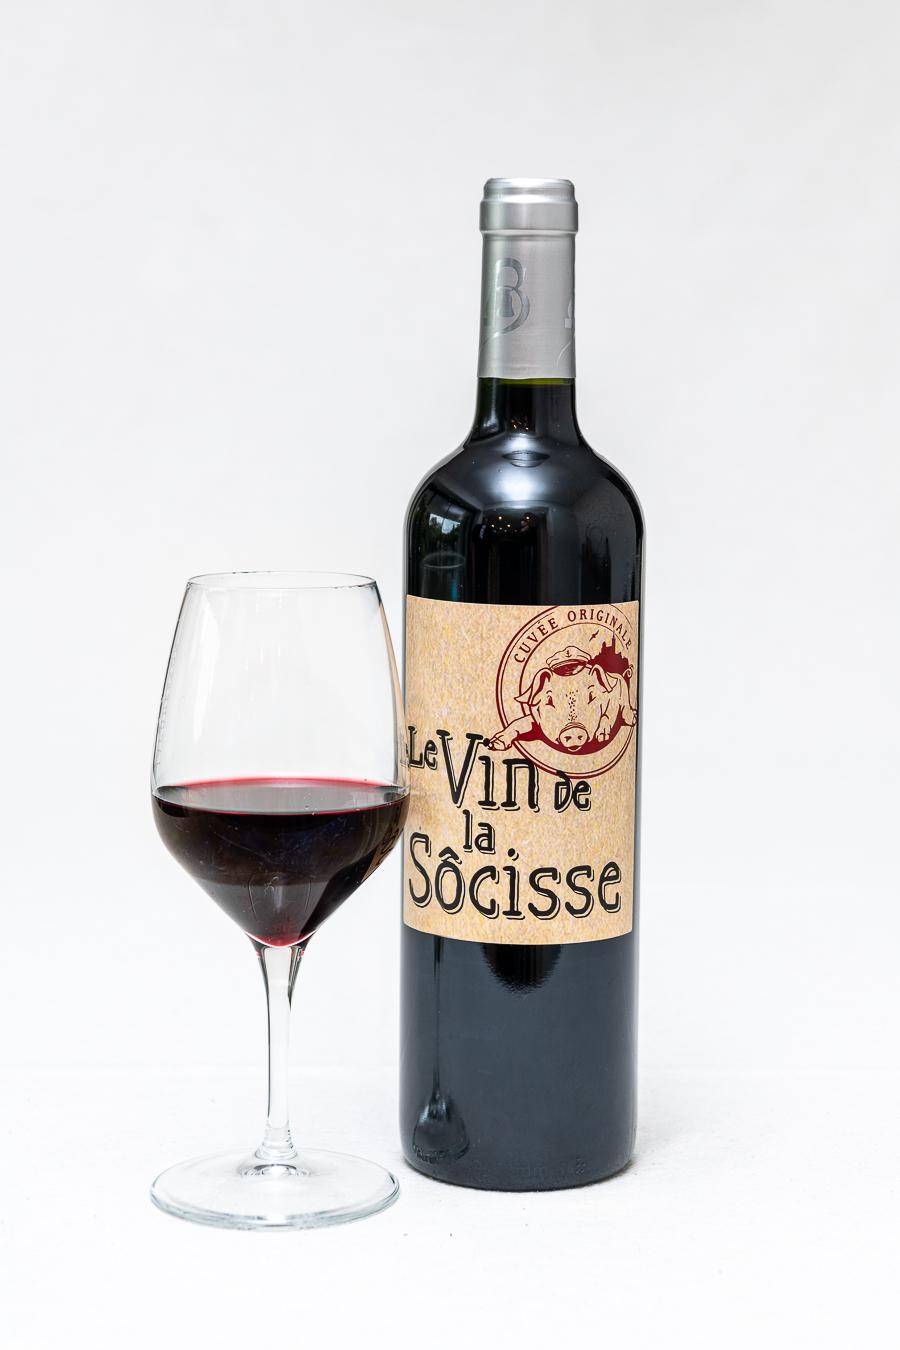 Le Vin de Marseille